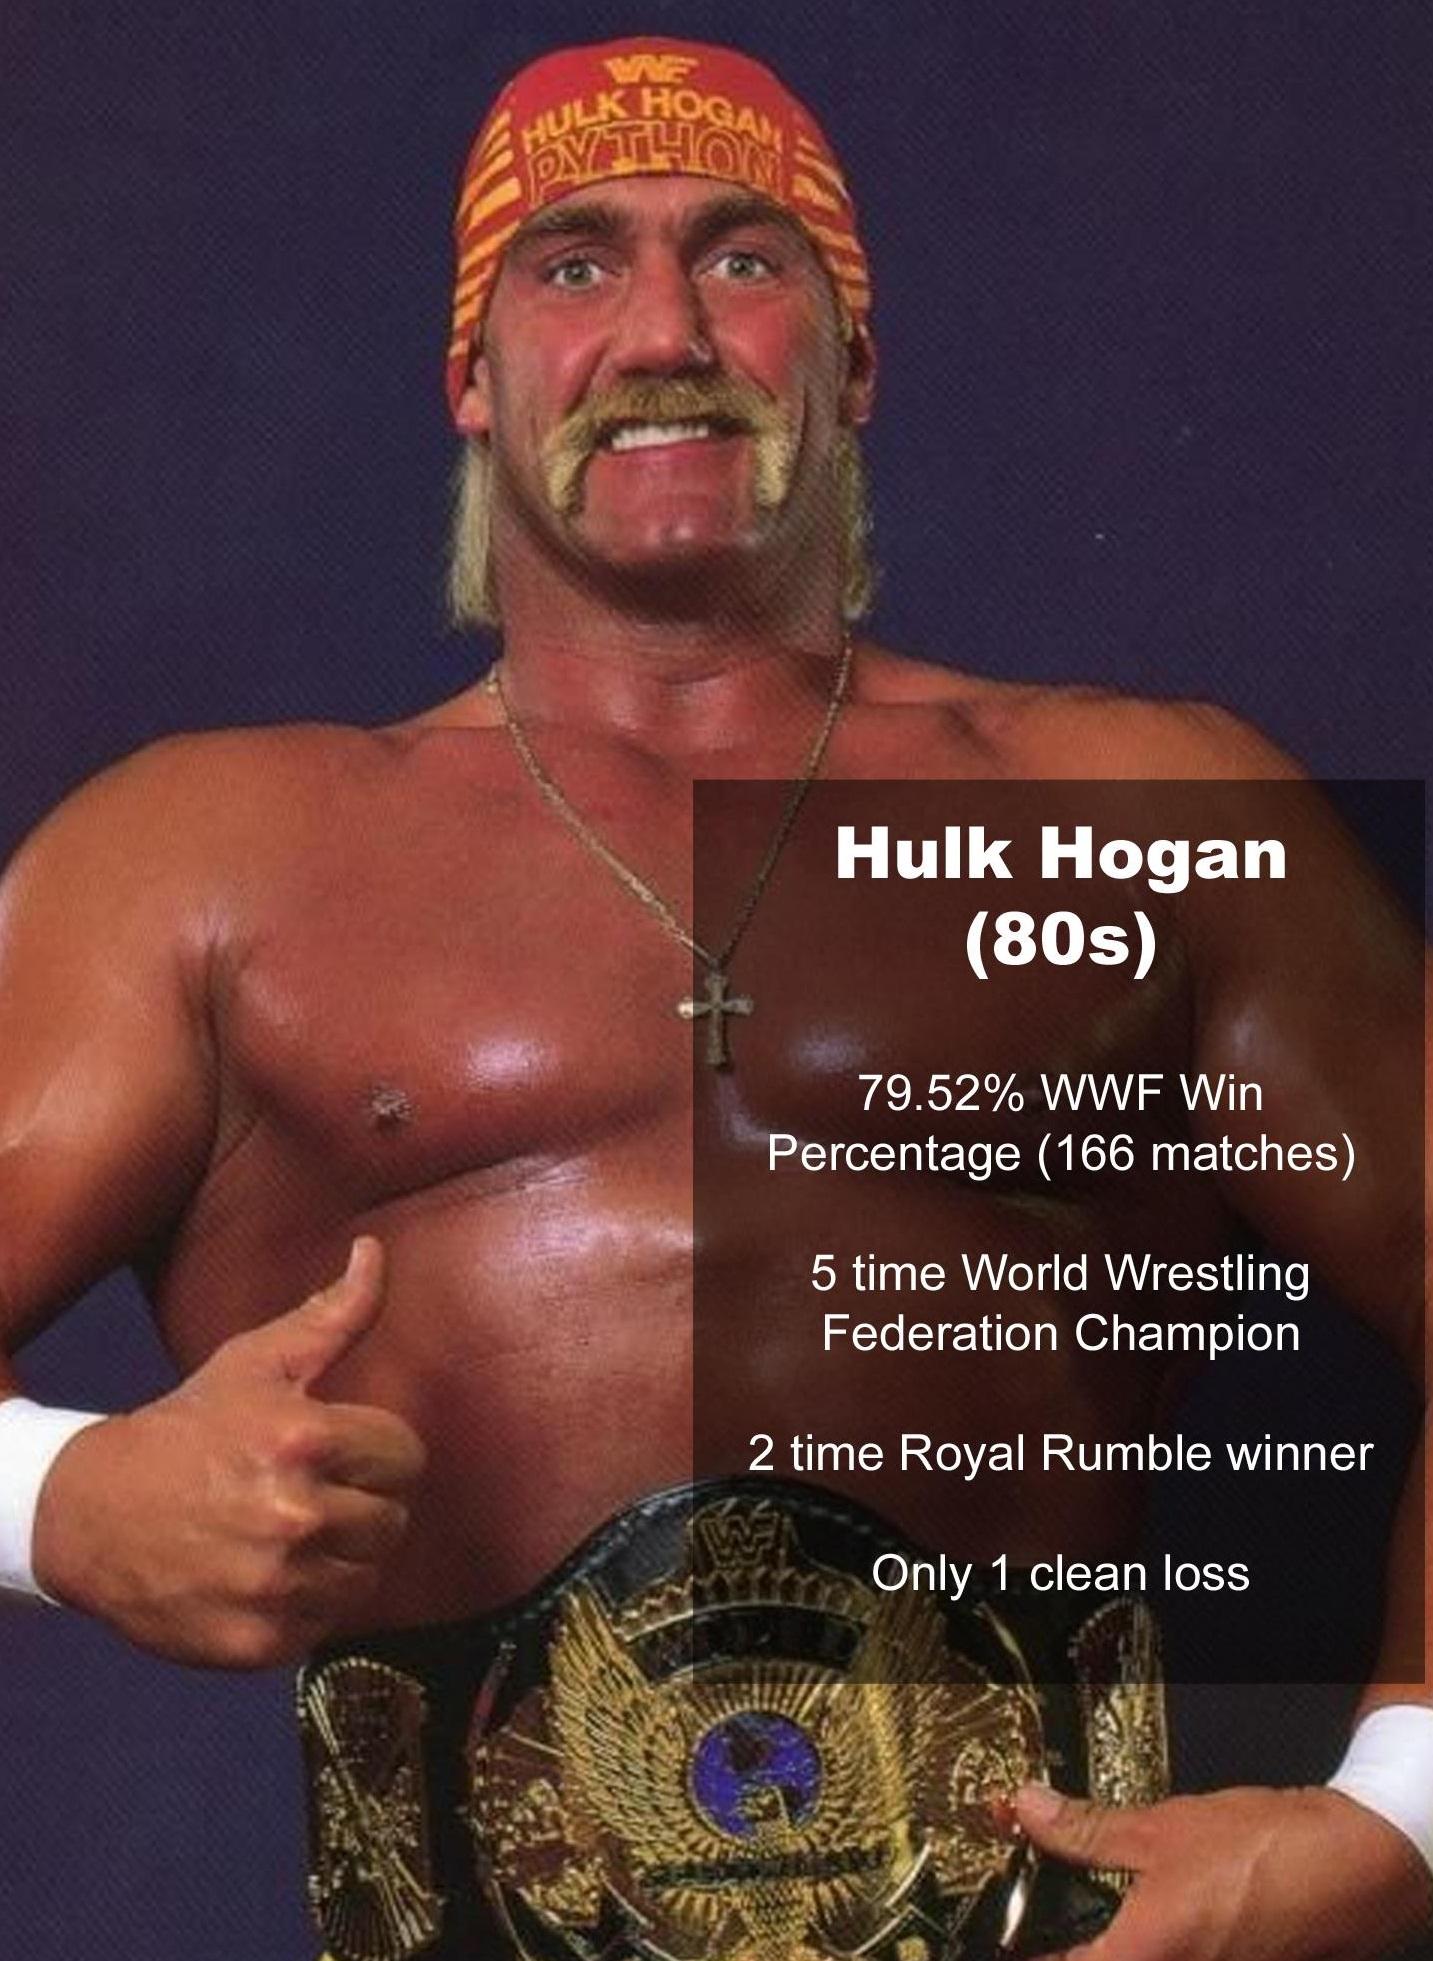 Estadísticamente, los mejores de la era moderna en WWE/WCW 6